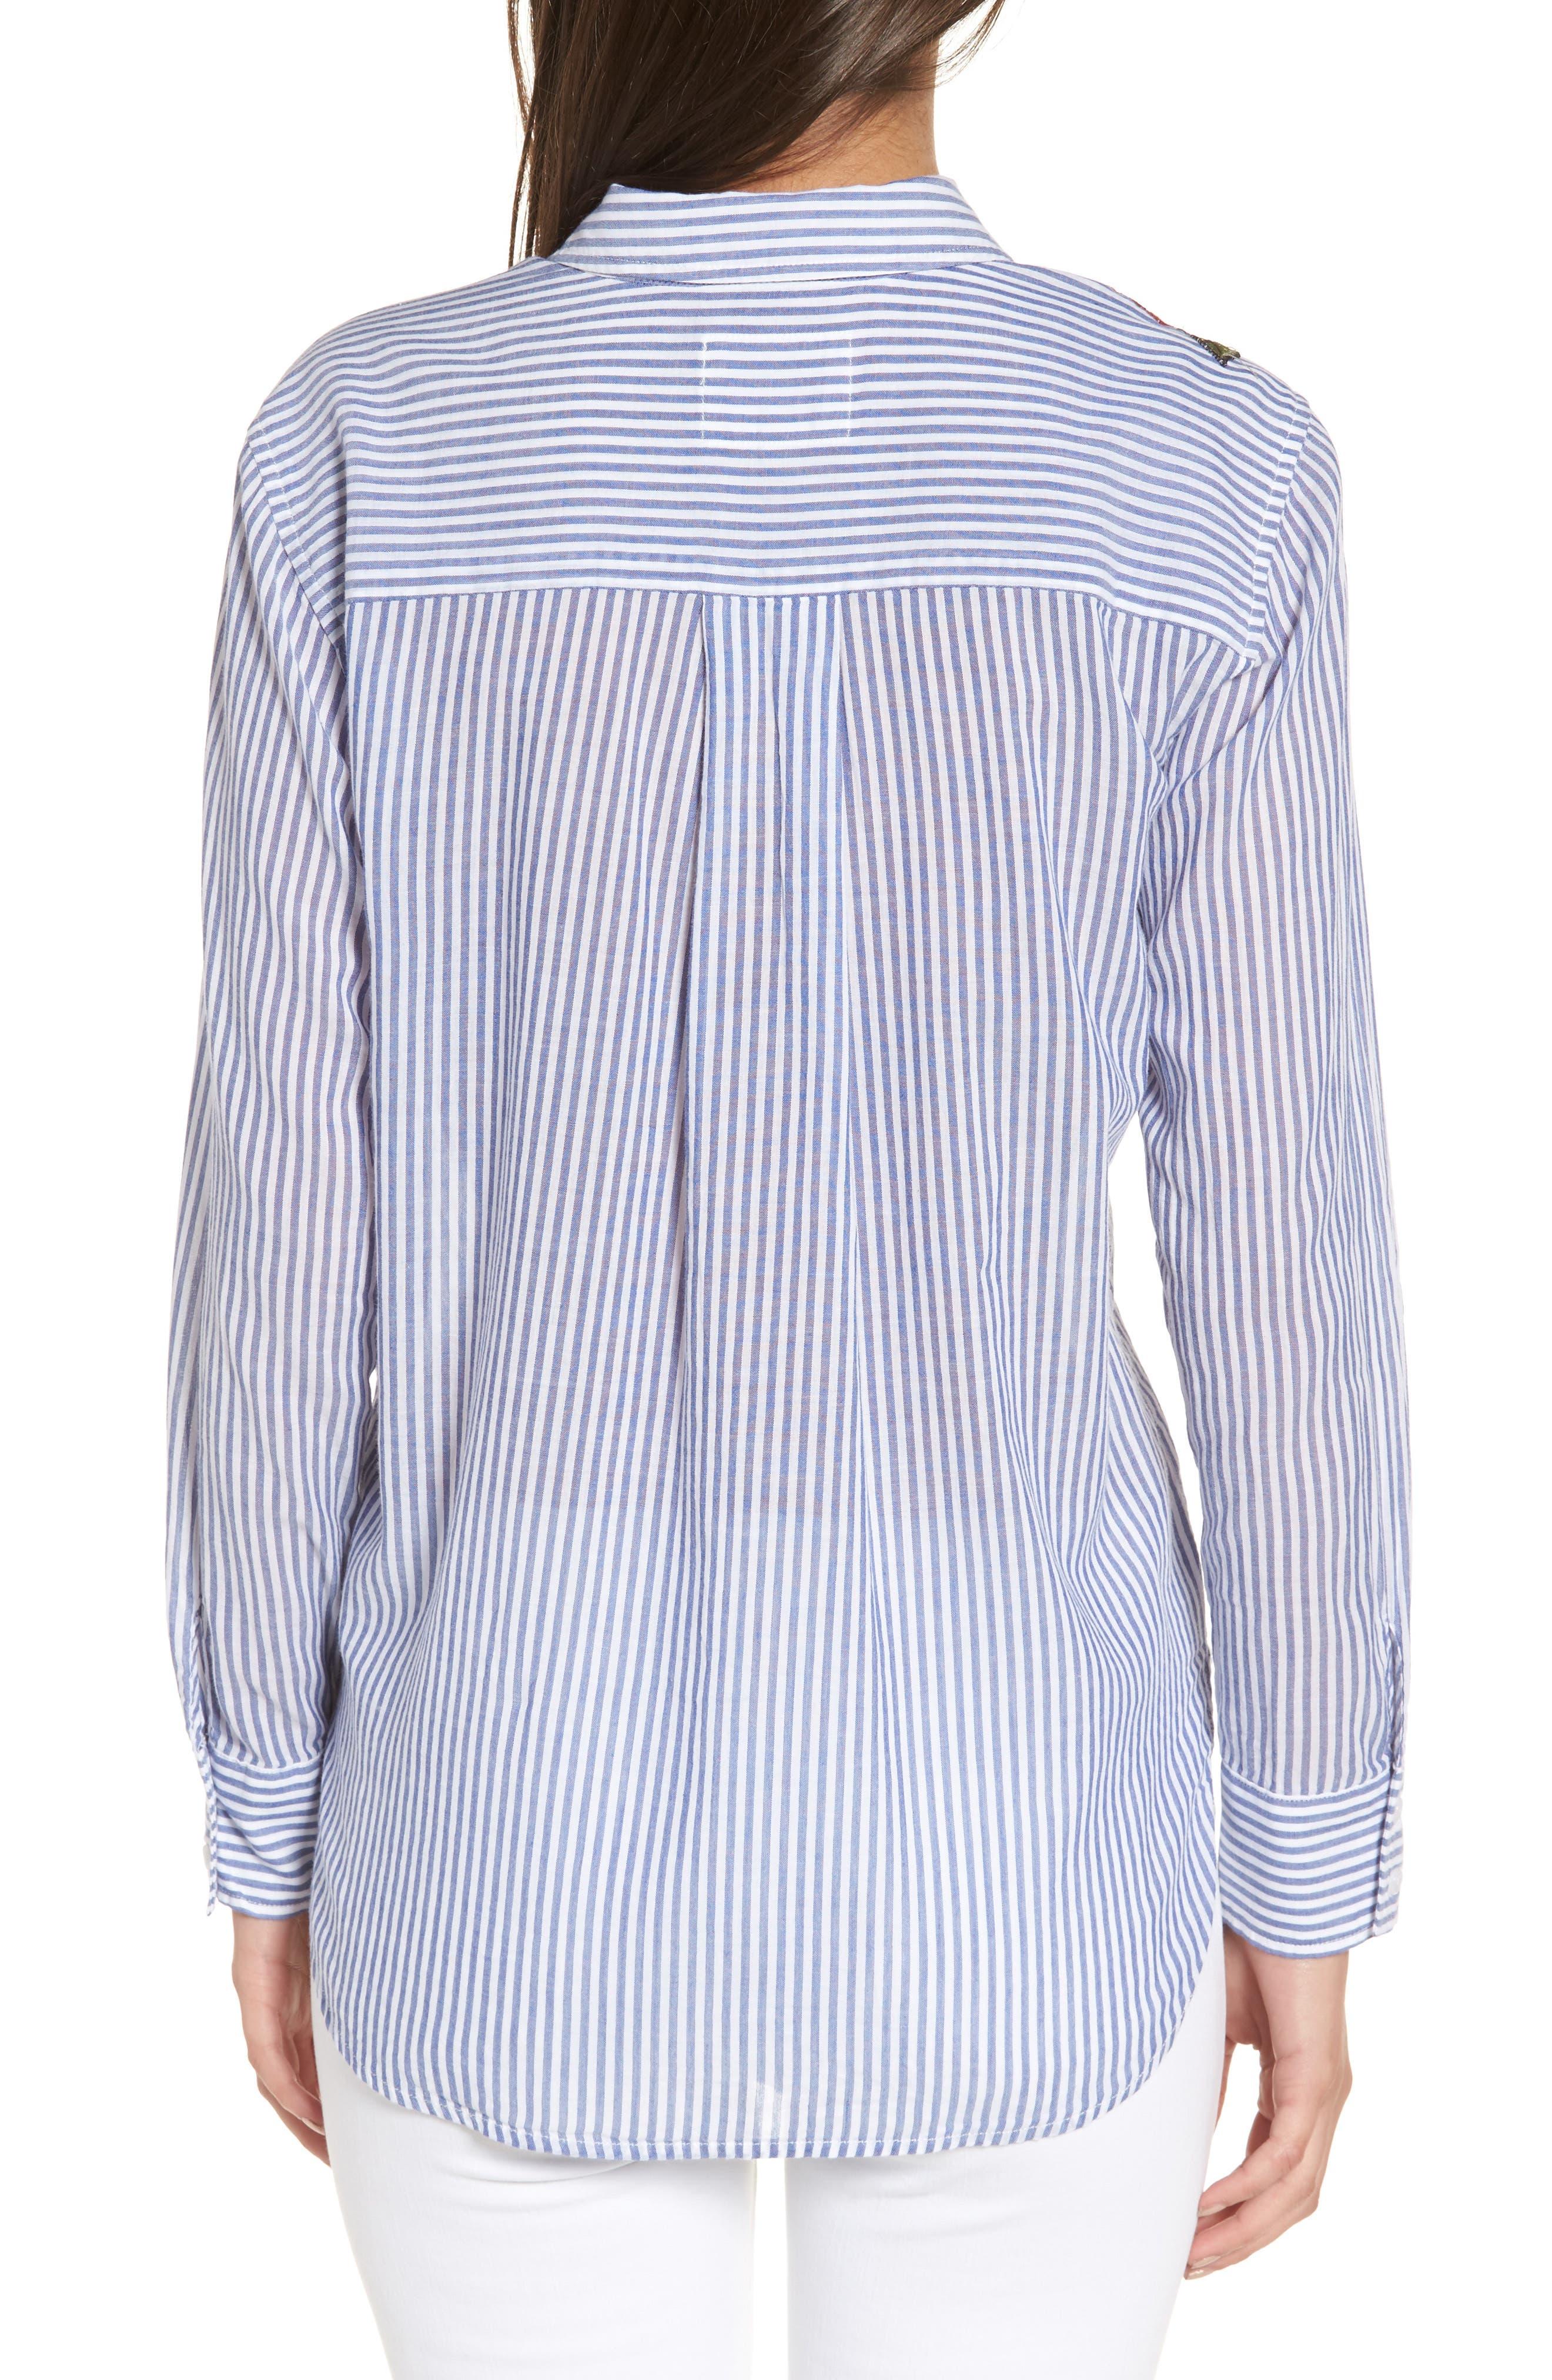 Alternate Image 3  - Rails Frances Embroidered Stripe Shirt